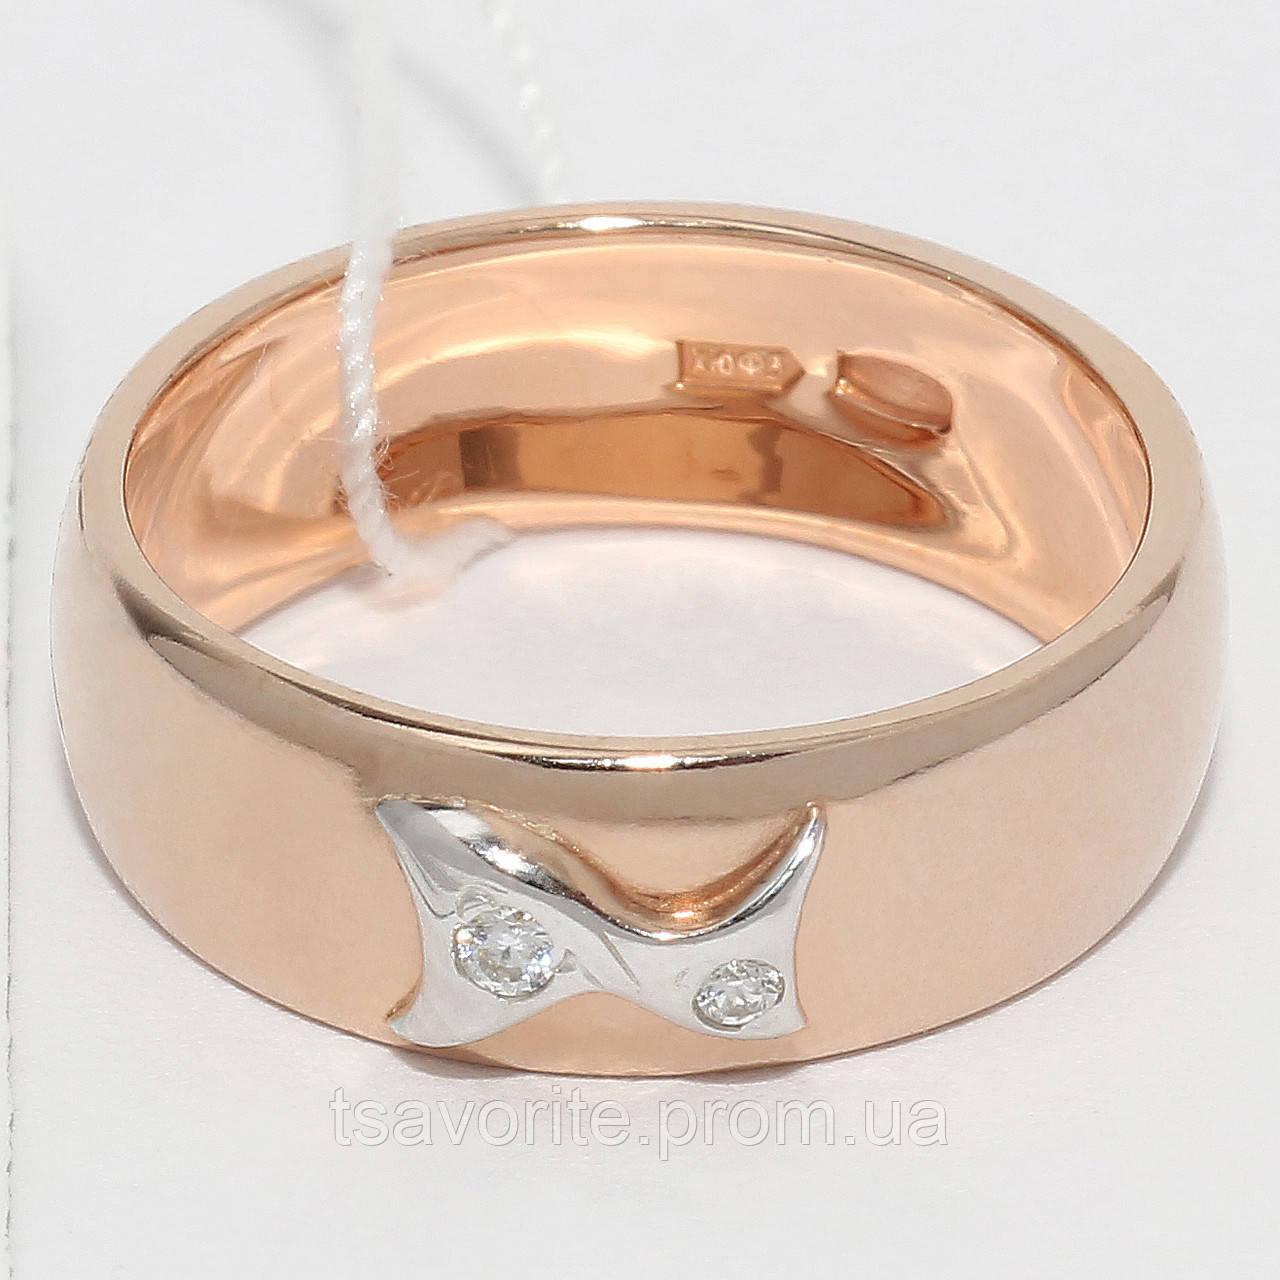 Серебряное позолоченое обручальное кольцо КЖХ-26